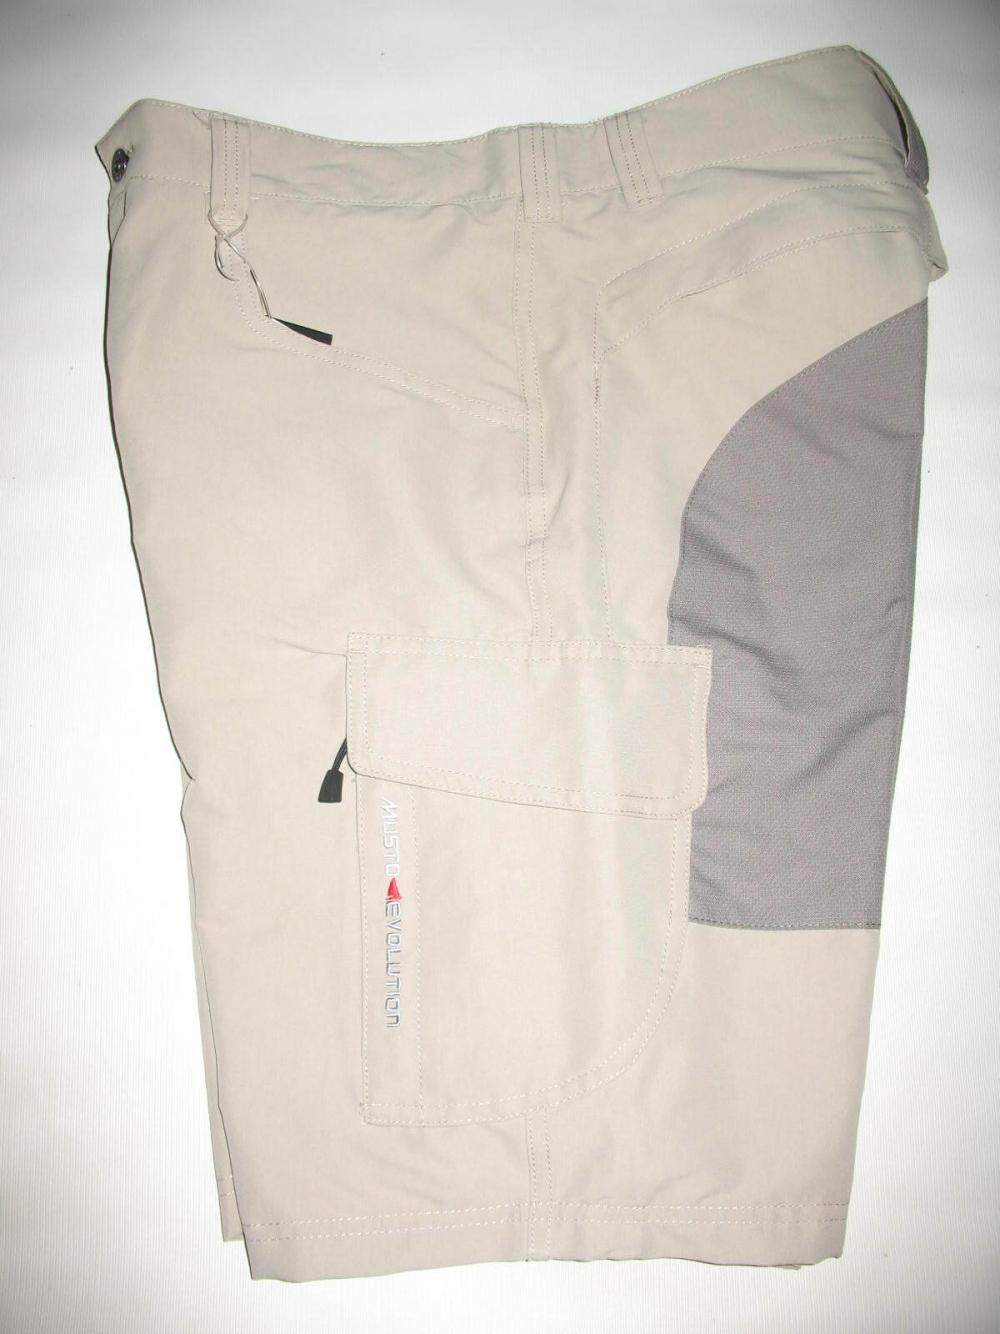 Шорты MUSTO evolution performance yachting shorts (размер 32/M) - 4